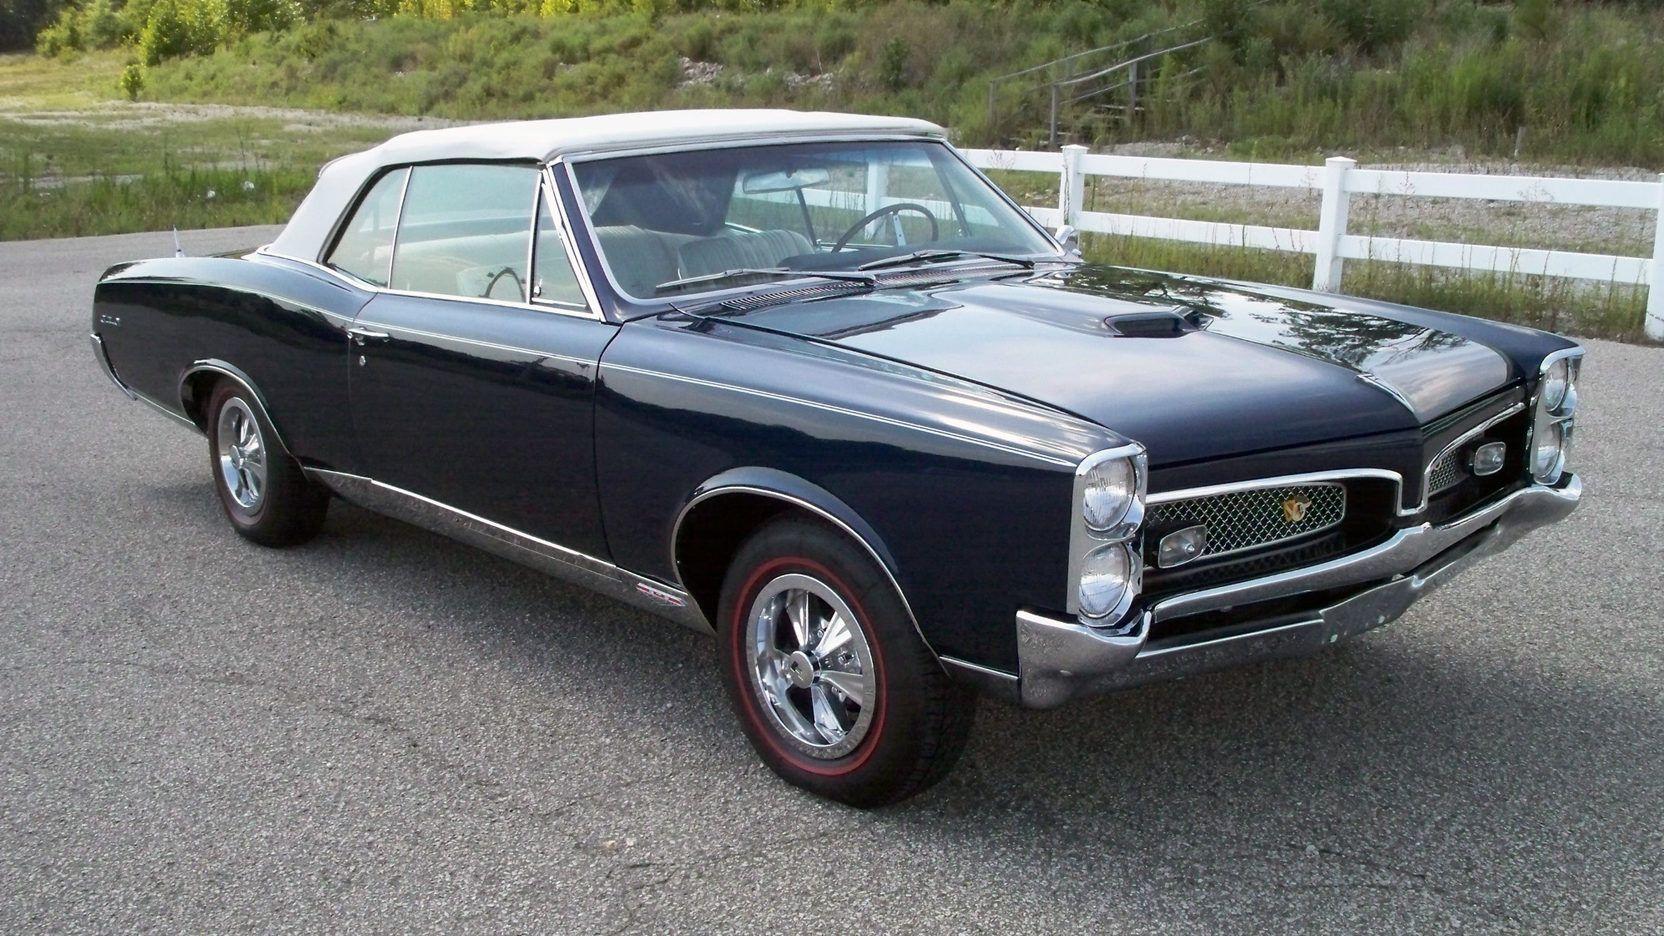 1967 Pontiac Gto Convertible 1 Print Image Pontiac Gto Pontiac Gto